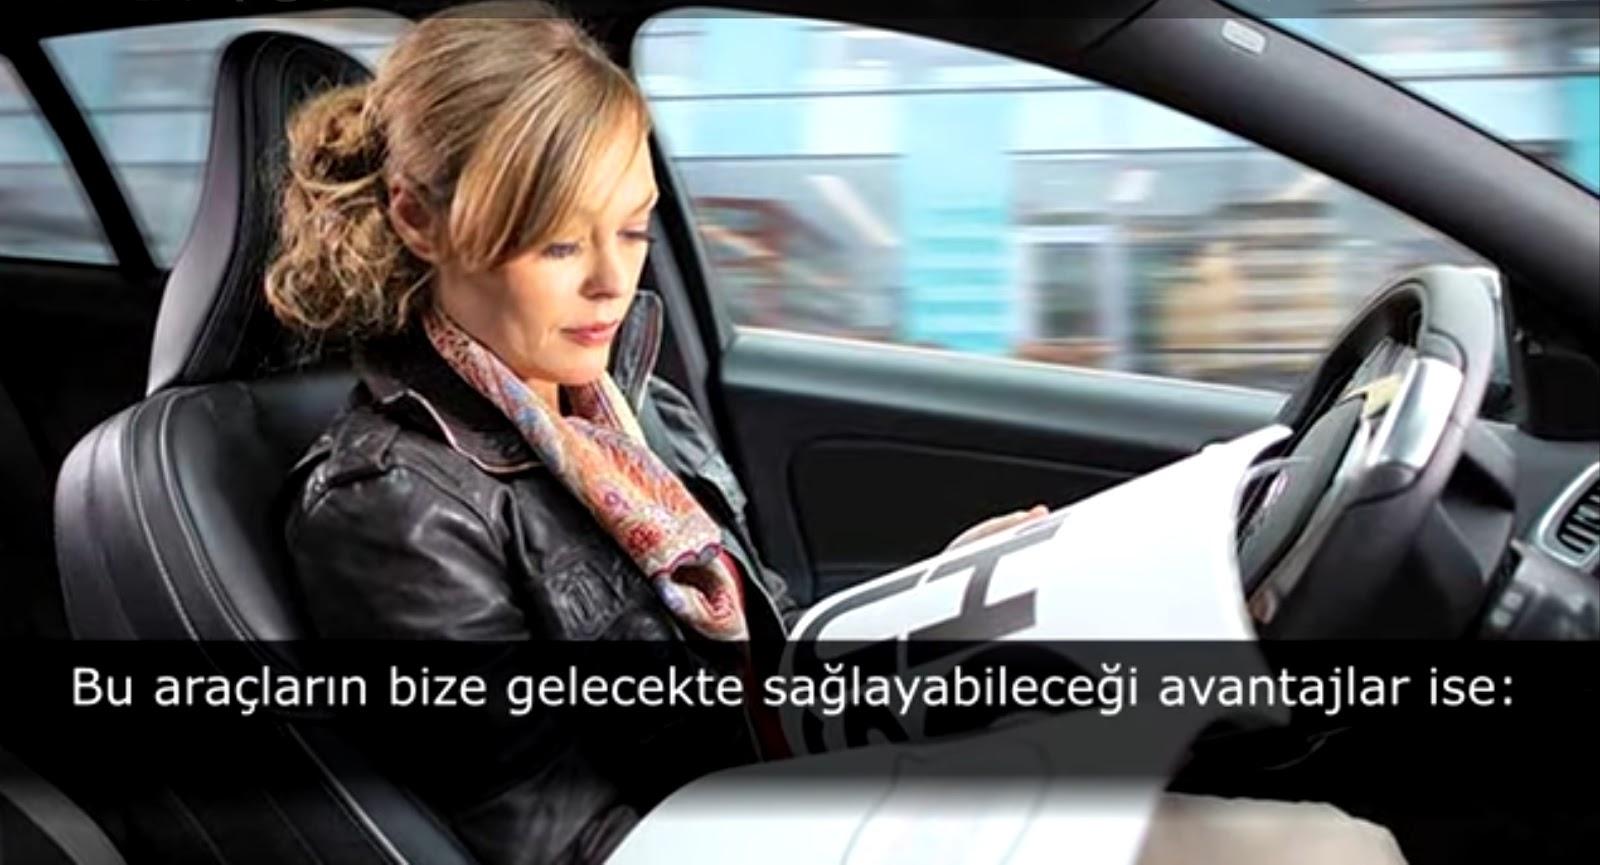 Otonom araç otomobil 1